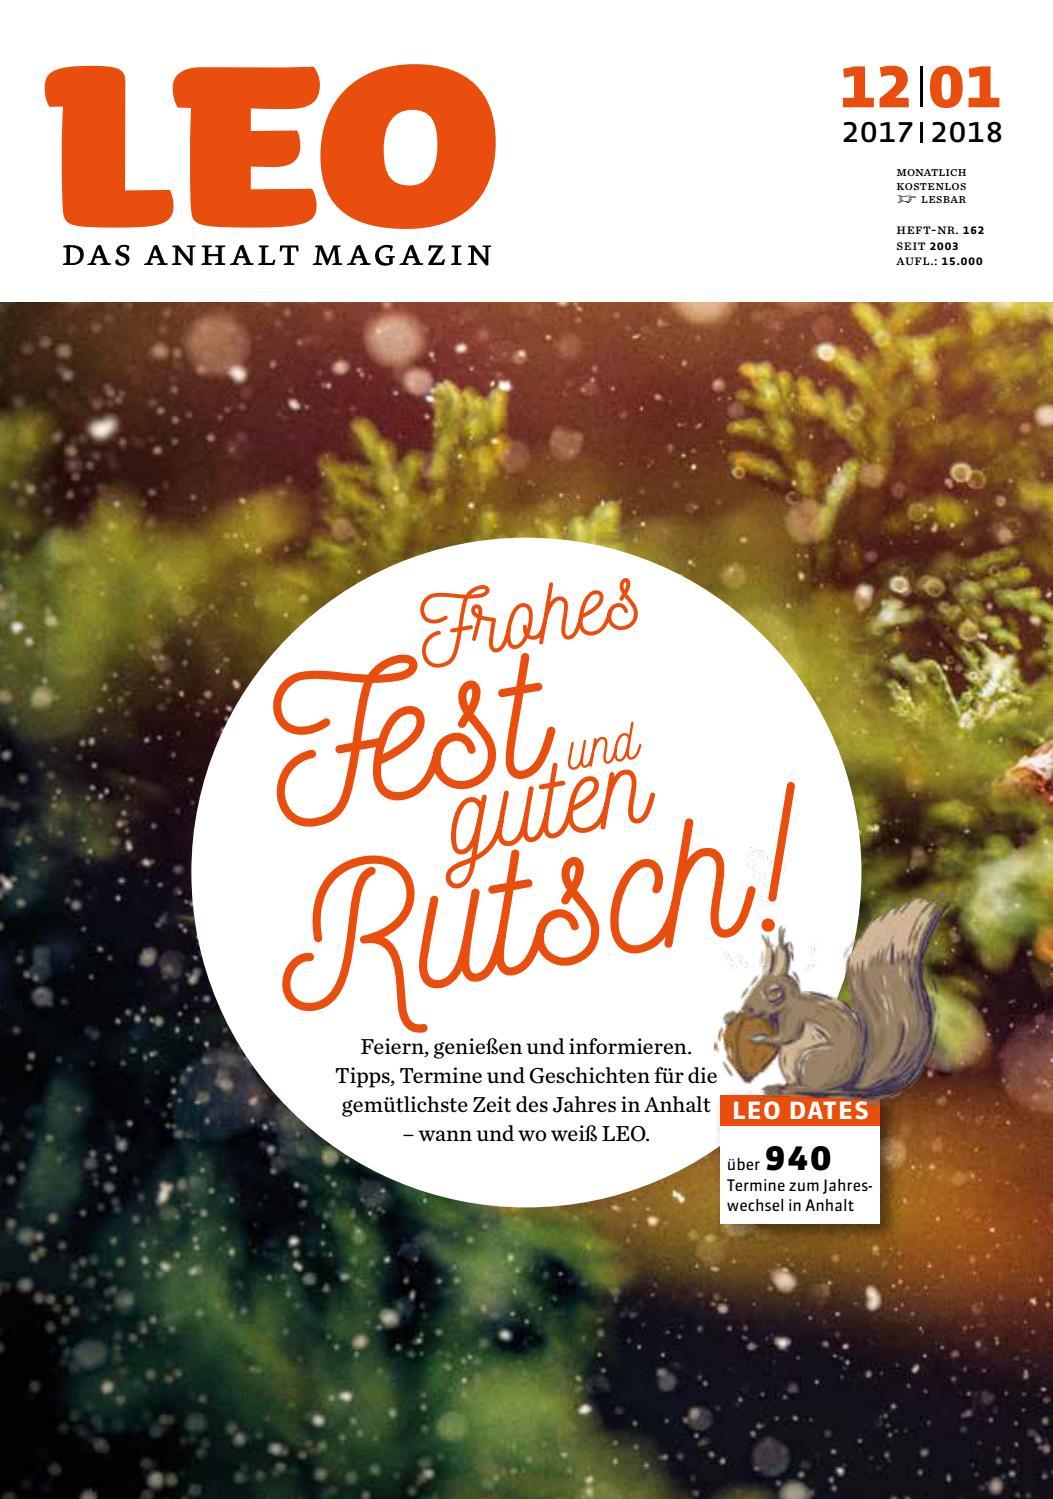 Dezember 2017 by LEO – Das Anhalt Magazin - issuu